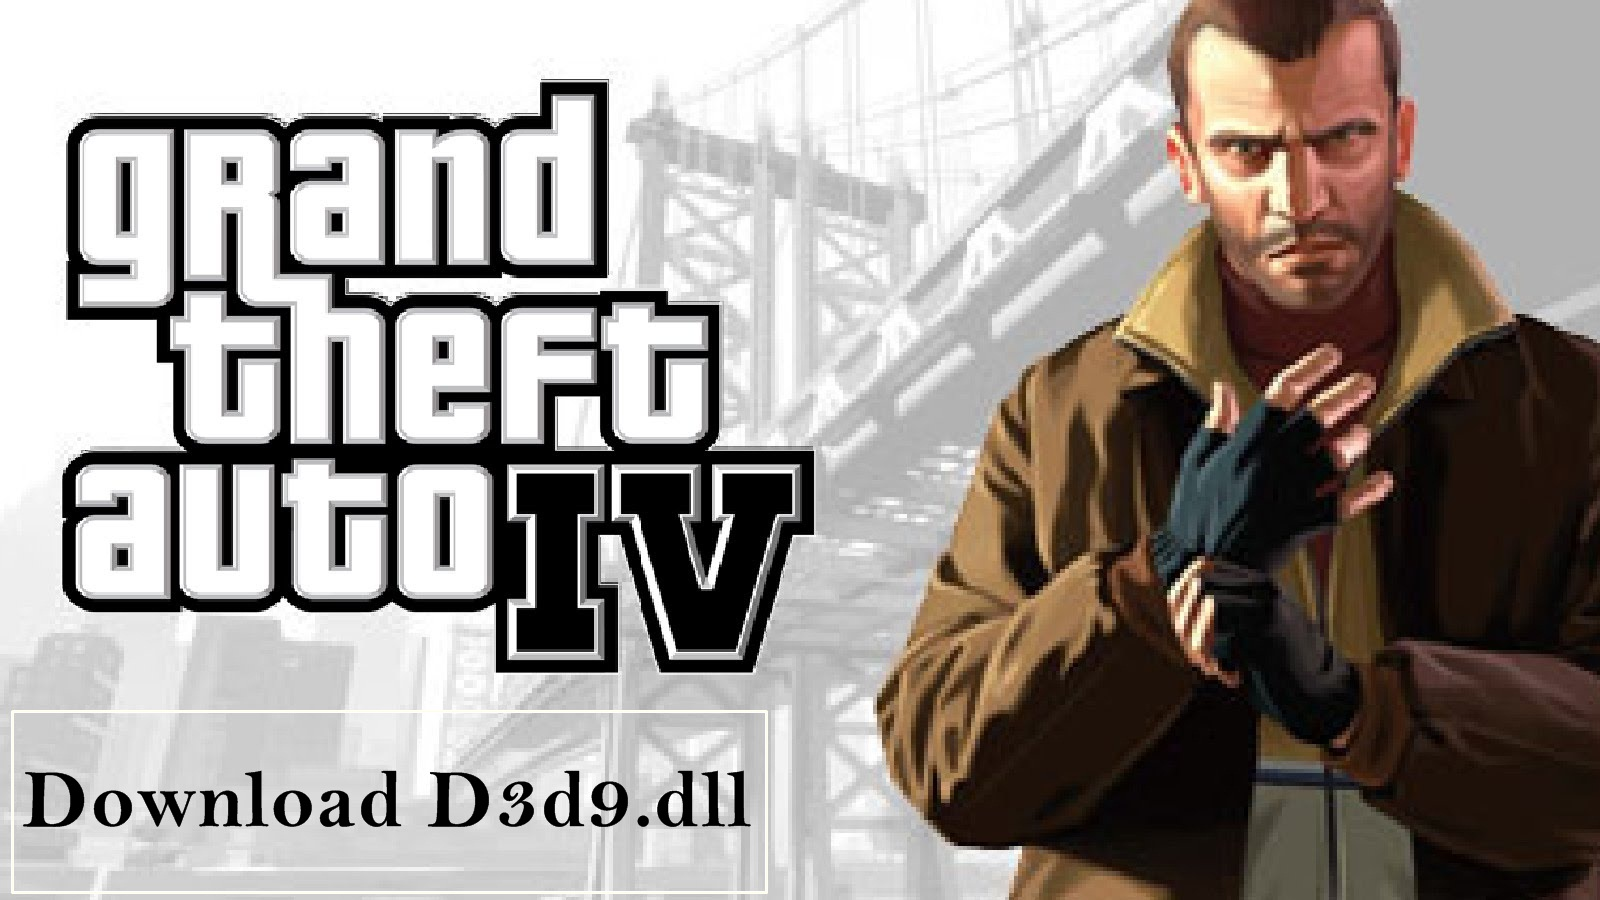 Download d3d9. Dll for gta 4 windows 10, 7, 8, xp, vista | download.